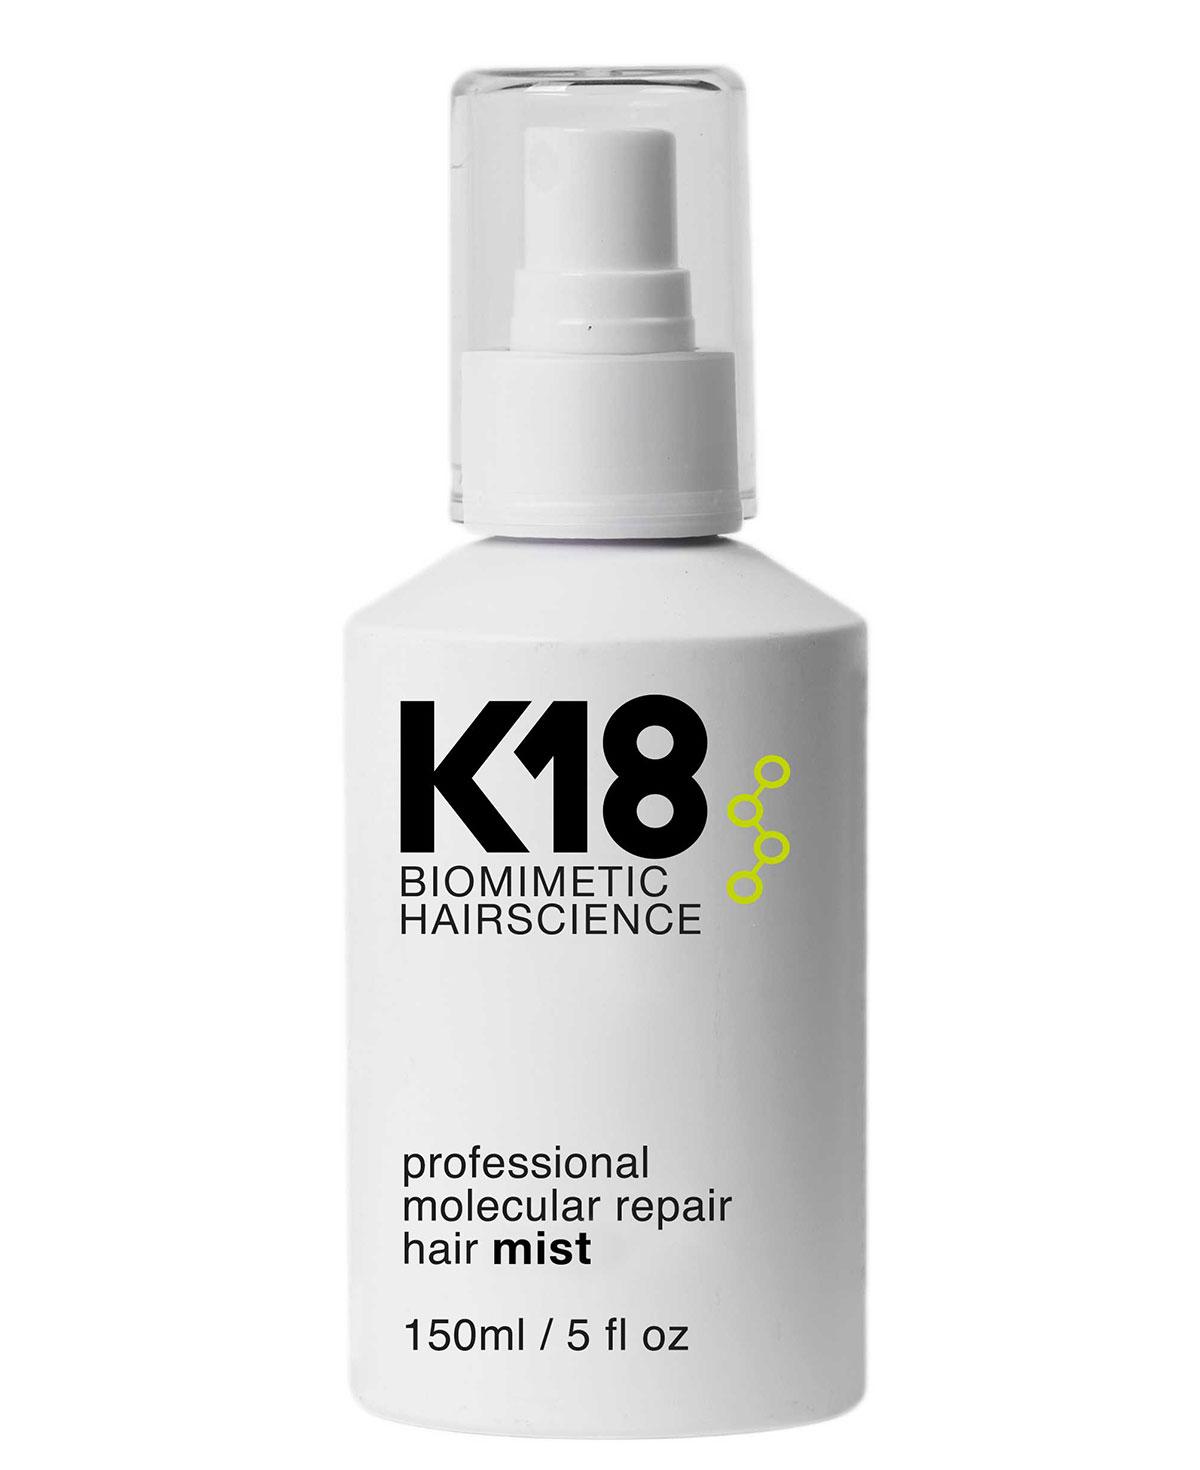 K18 Molecular Repair Hair Mist 150ml